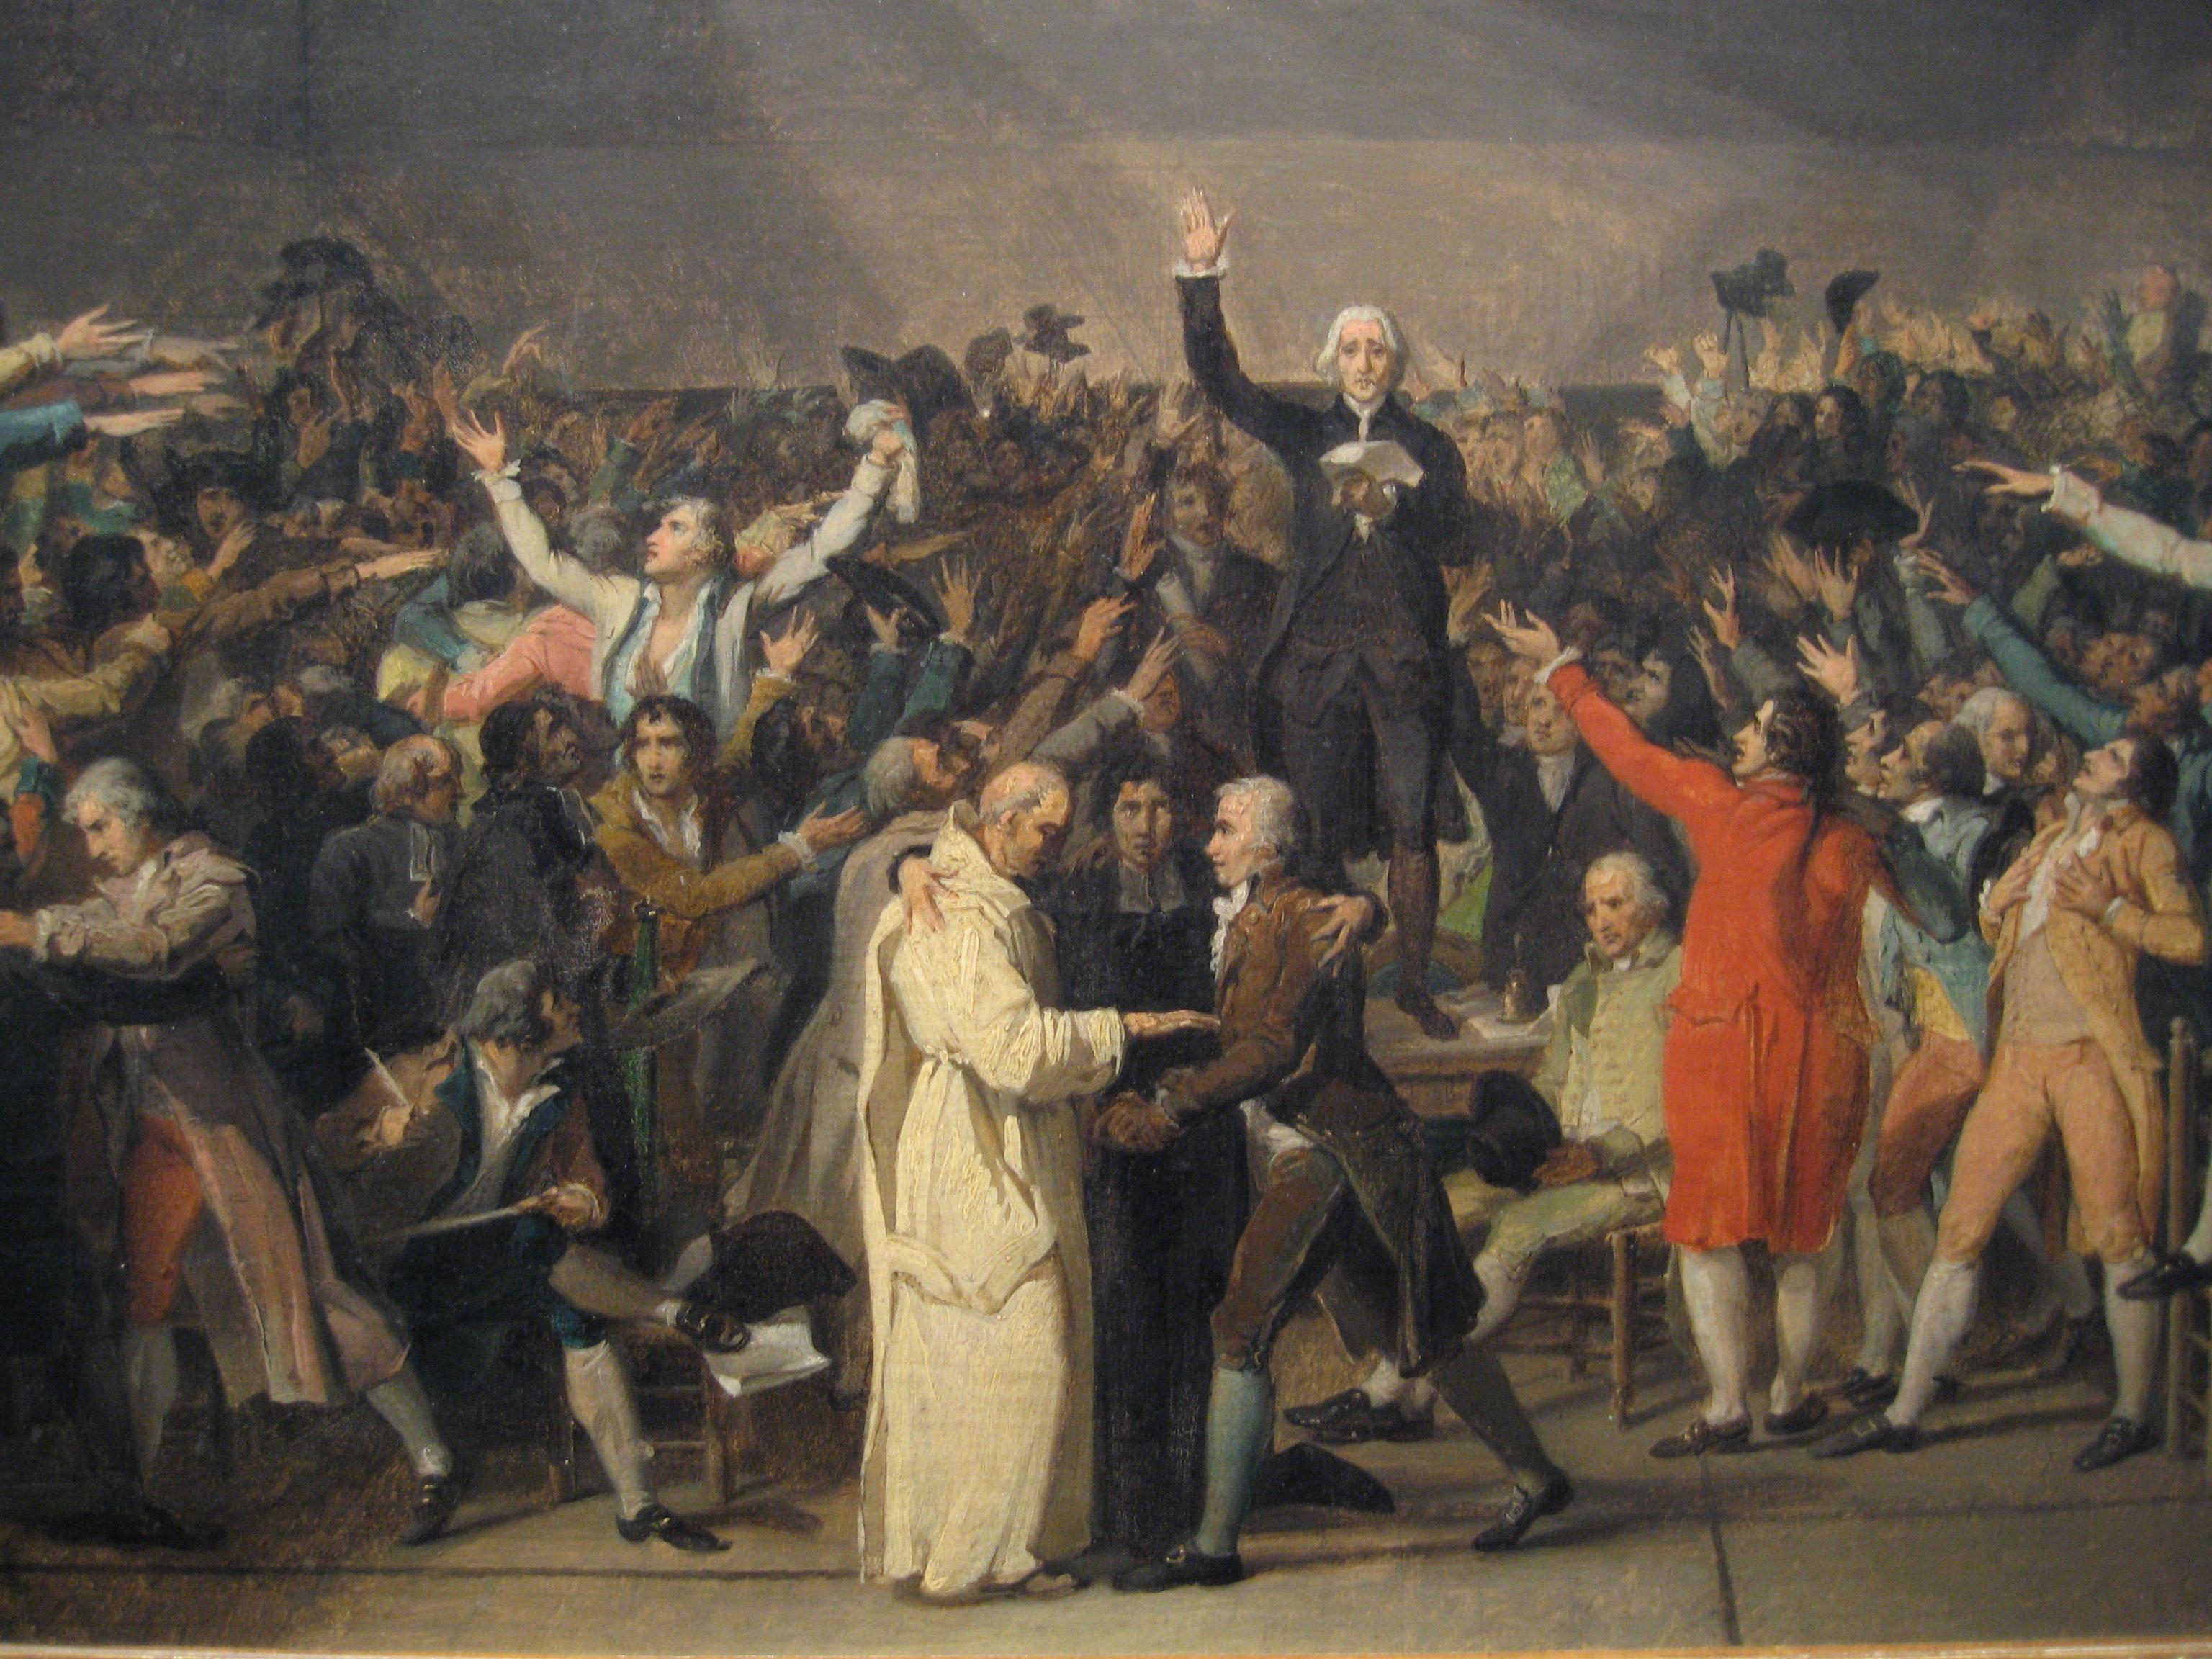 De gestage opmars van de idealen uit de Radicale Verlichting